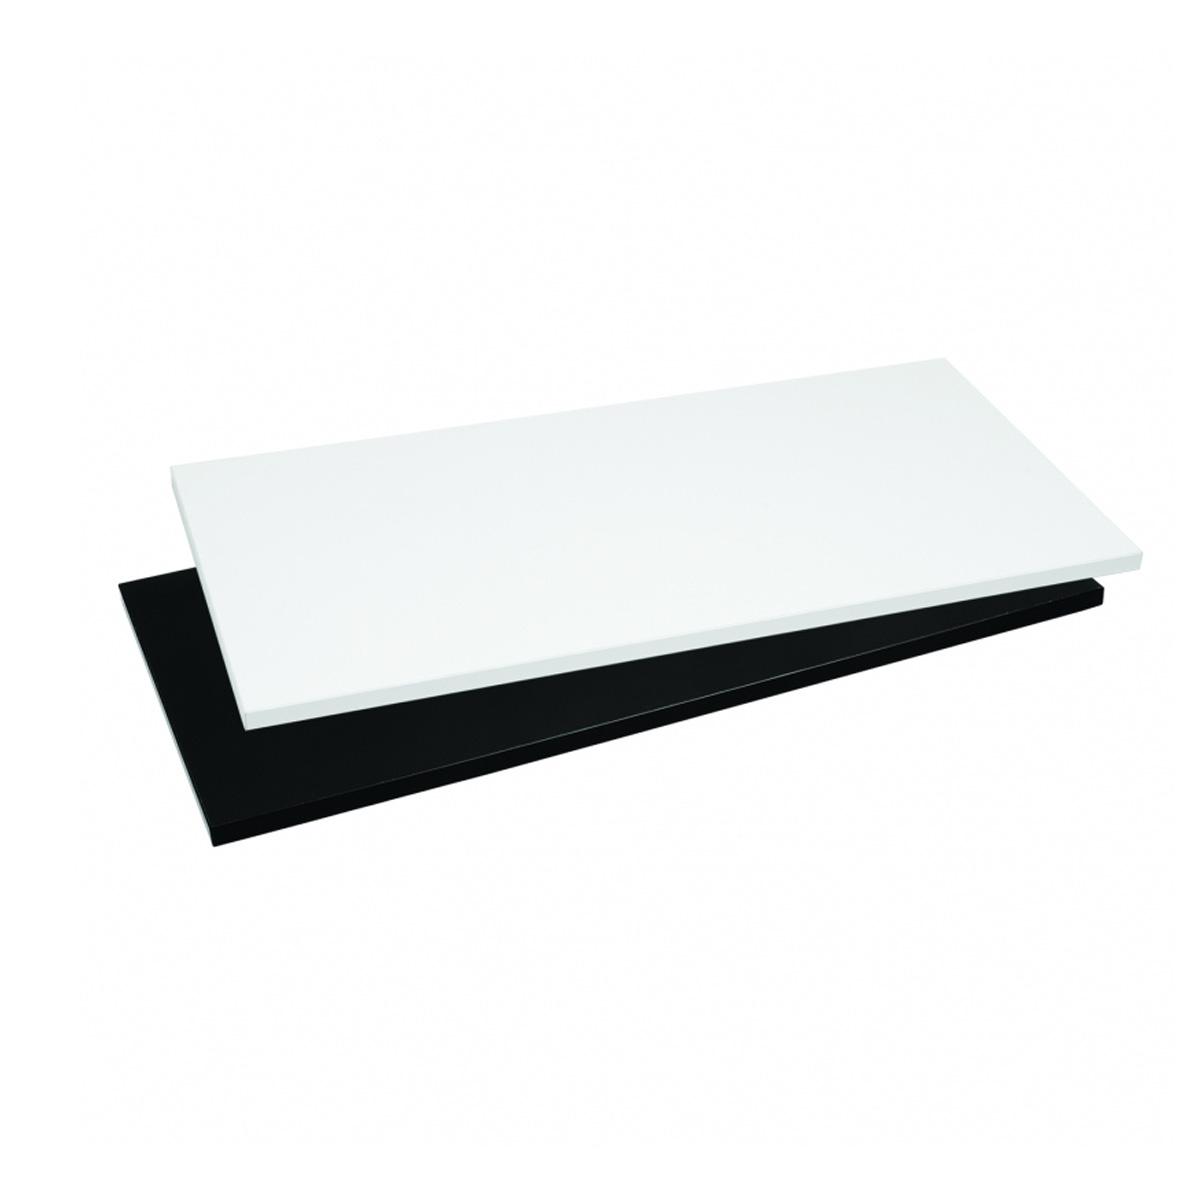 Holzfachboden schwarz für Gondel schmal Scala